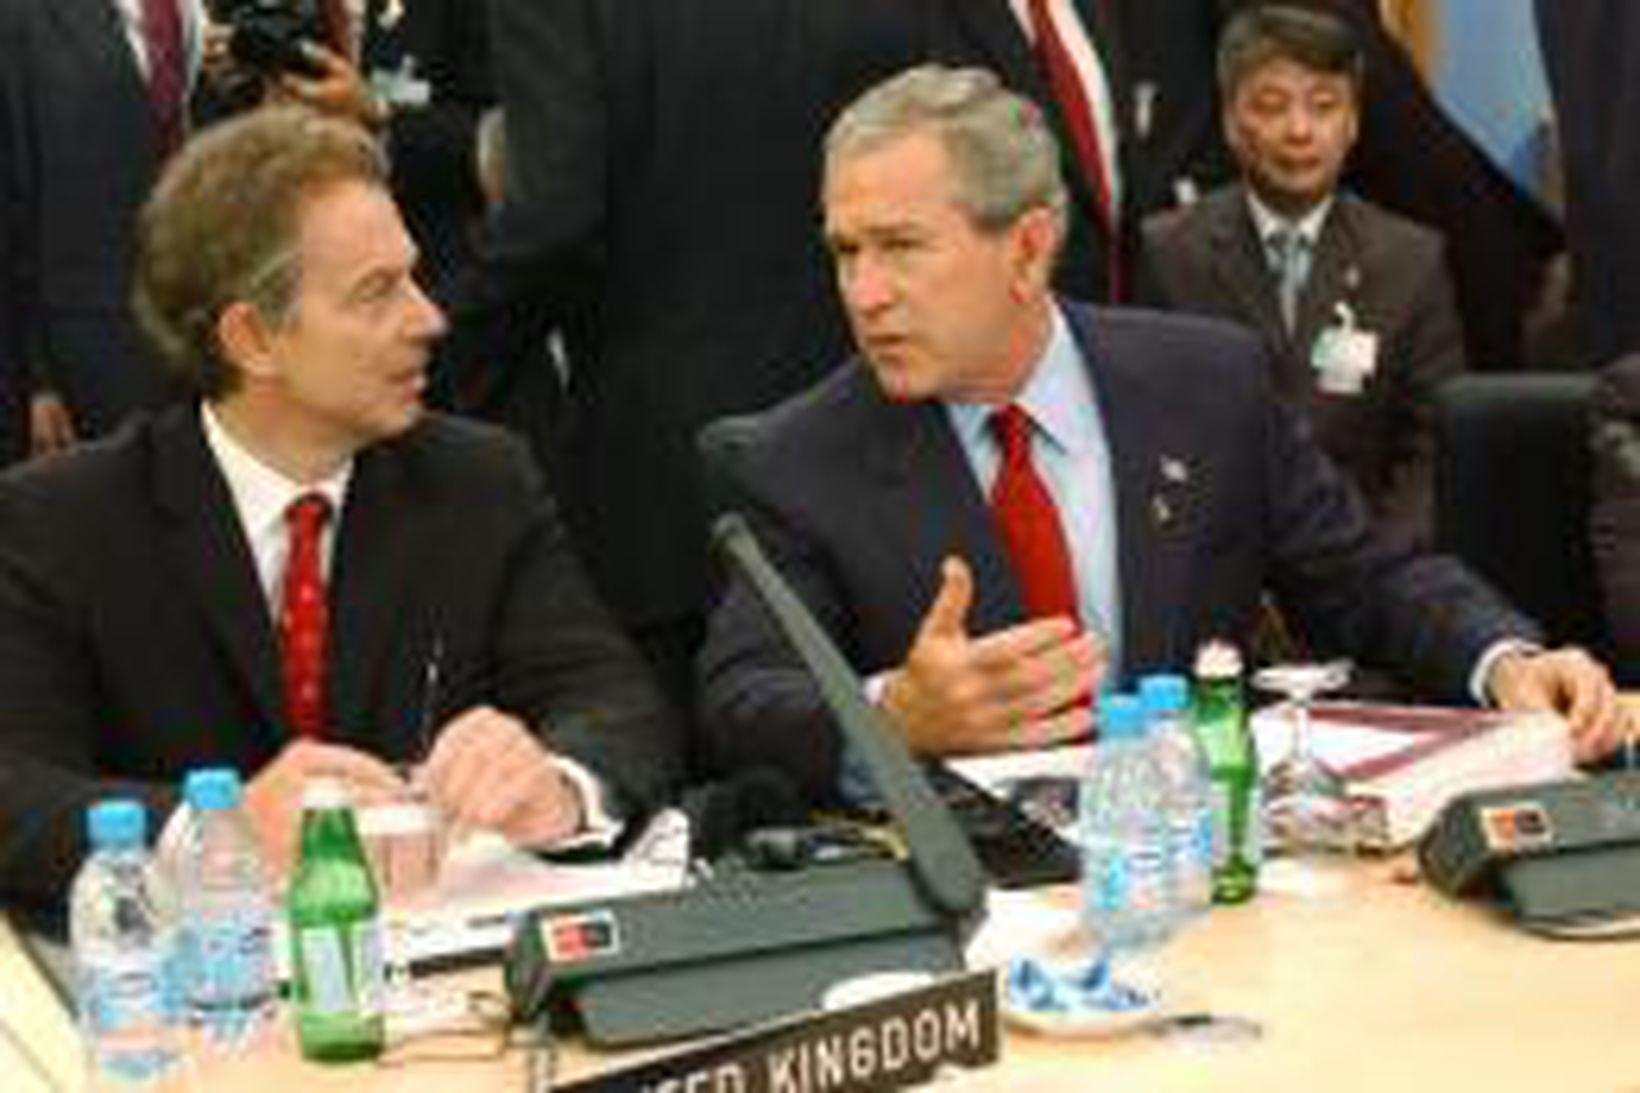 Tony Blair, t.v. ræðir við Bush Bandaríkjaforseta á nýliðinni ráðstefnu …